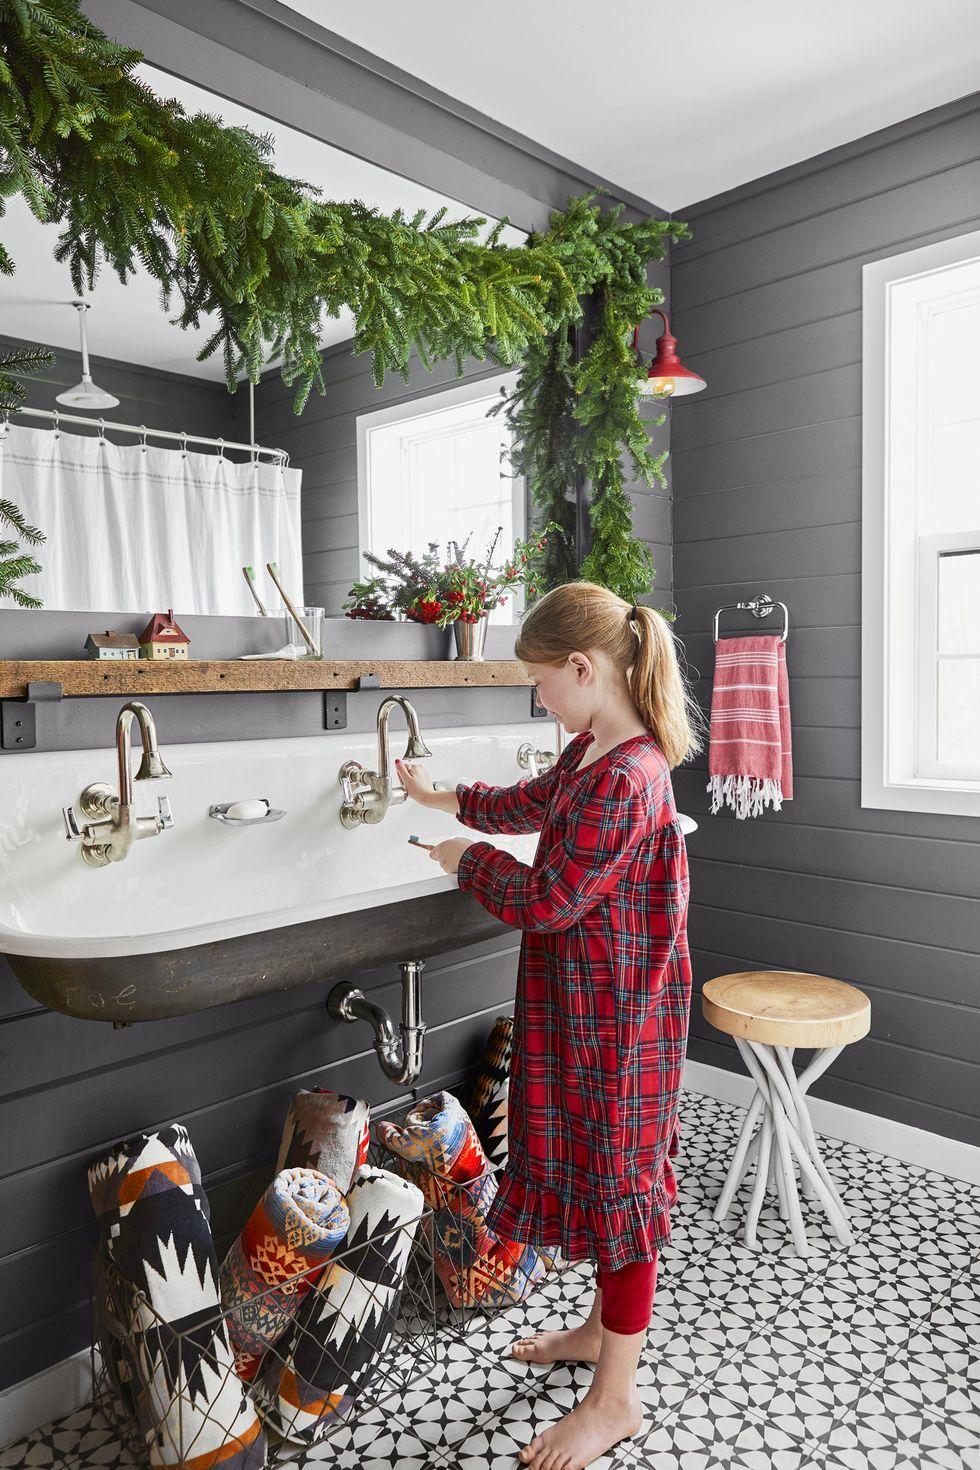 magníficas propuestas sobre como decorar la casa con guirnaldas navideñas, tutoriales y tendencias en la decoración navideña 2019